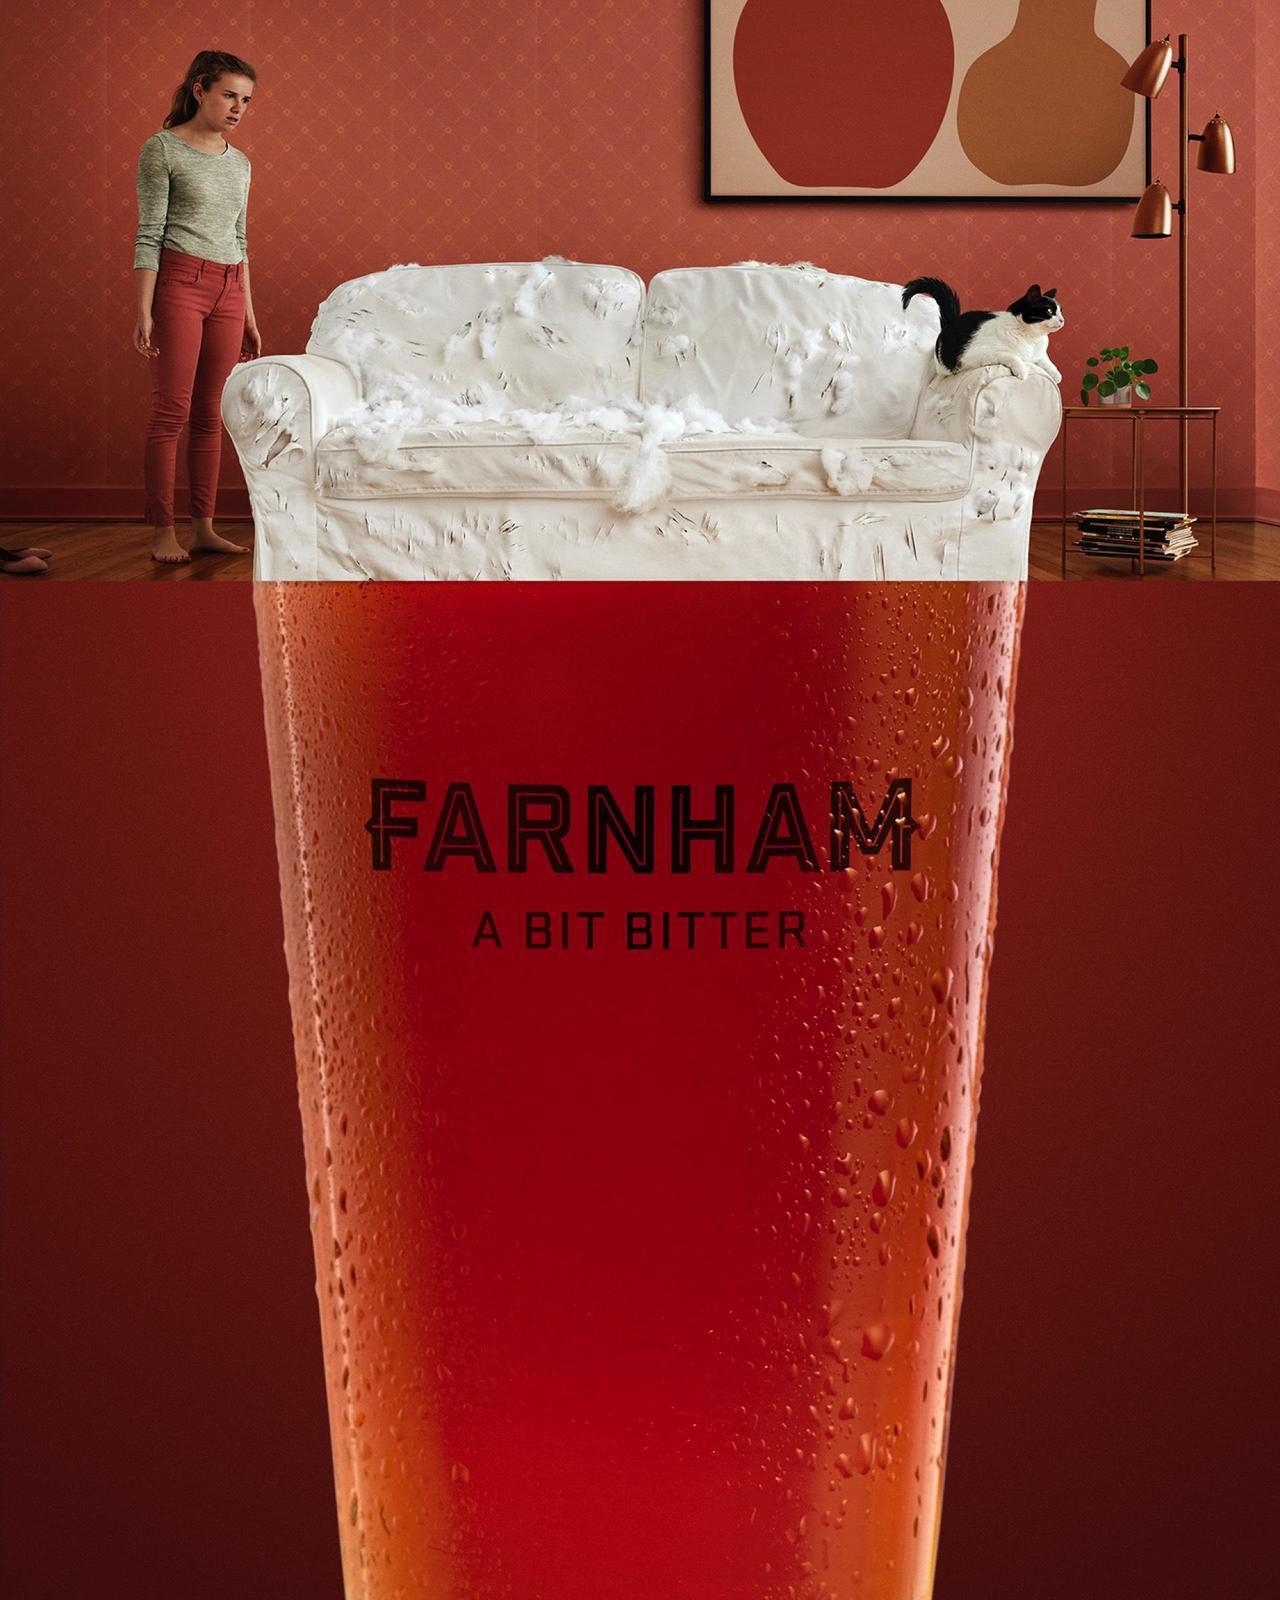 """Farnham Ale & Lager : """"A bit bitter"""" I Agence : Lg2, Quebec, Canada (février 2020)"""